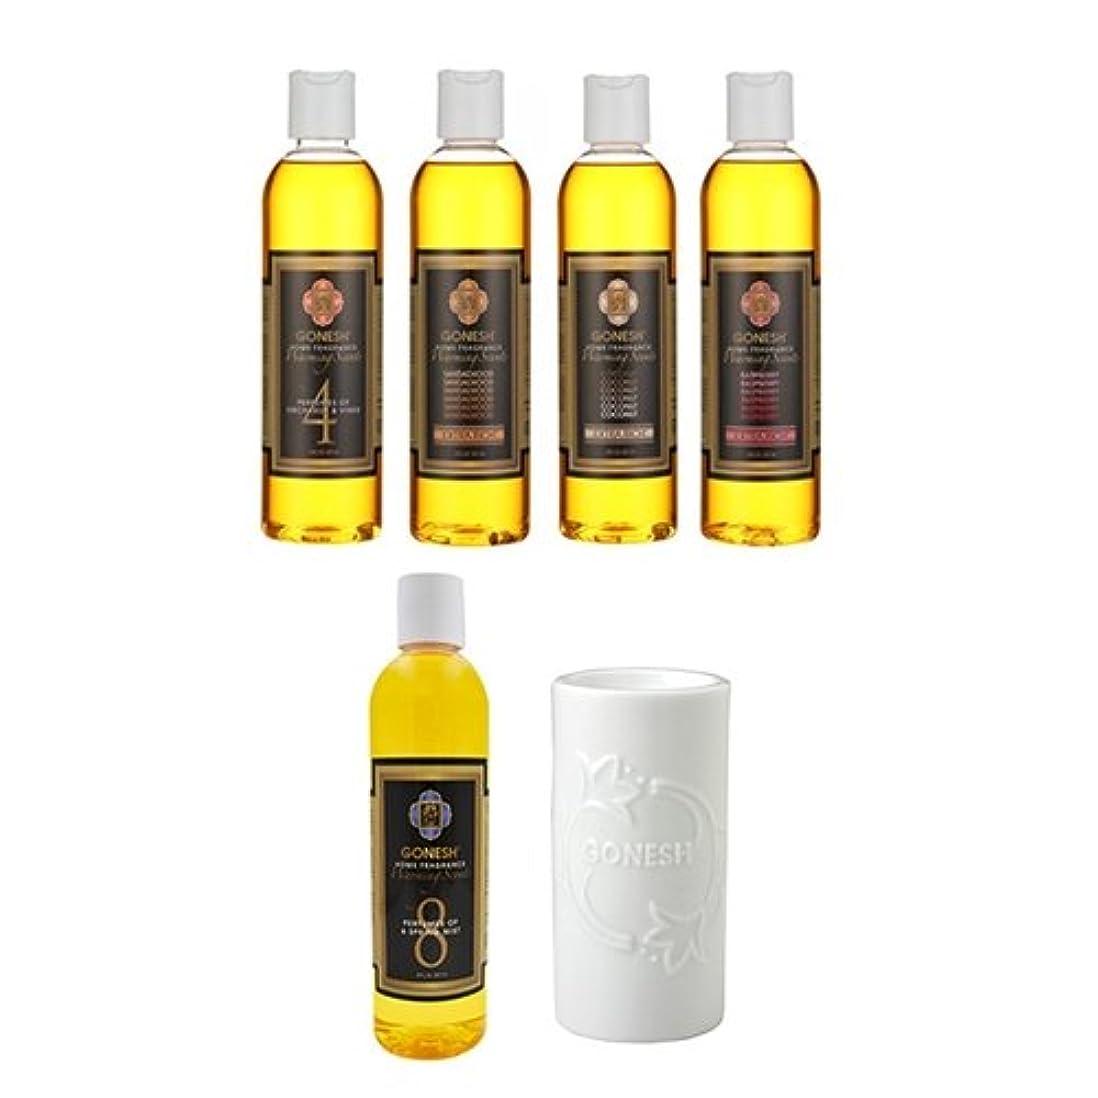 ユニークな敬千ガーネッシュ GONESH ウォーミングセント5つ(No.4、8、COCONUT、RASPBERRY、SANDALWOOD) の香りが楽しめるアロマバーナーセット 日本国内正規品